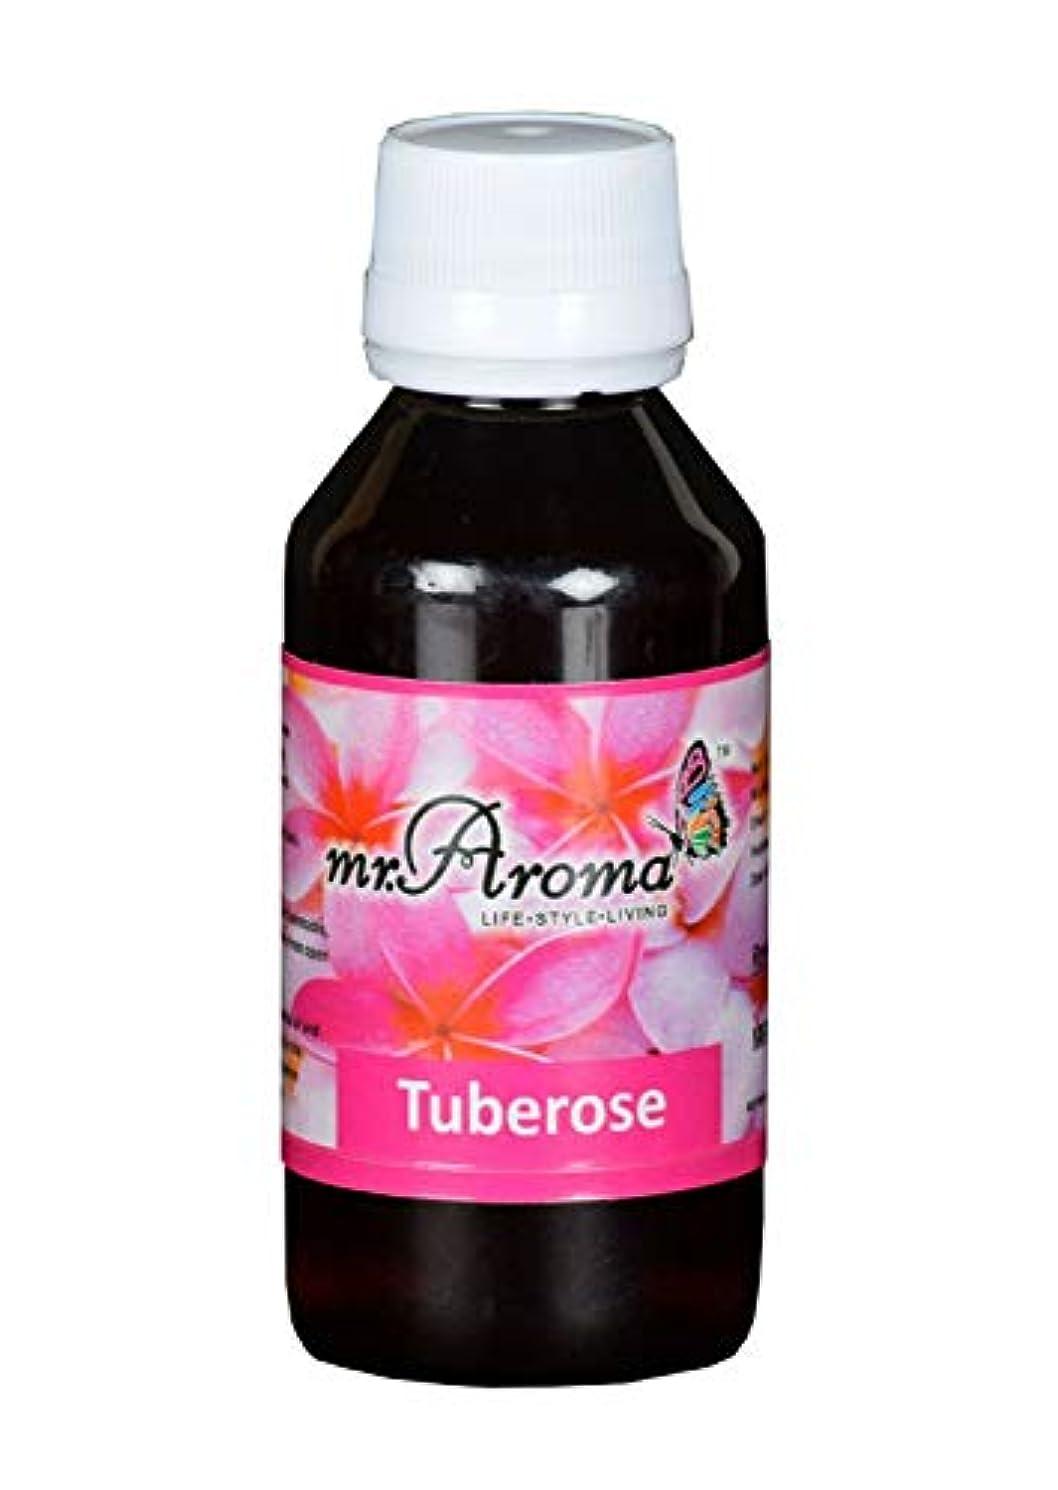 感情アサーバッテリーMr. Aroma Tuberose Vaporizer/Essential Oil 15ml